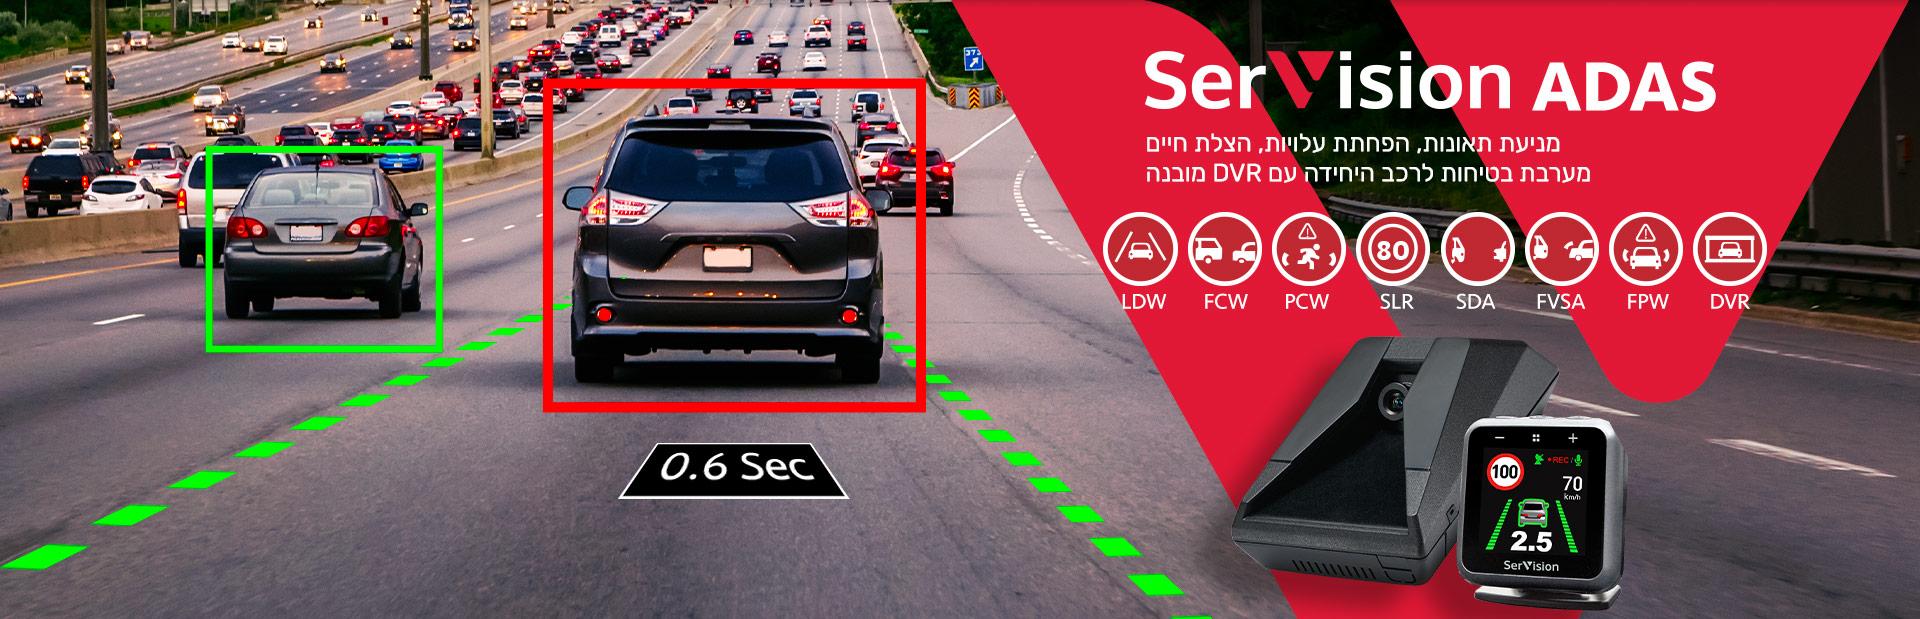 מערכת בטיחות לרכב ADAS של סרויז'ן